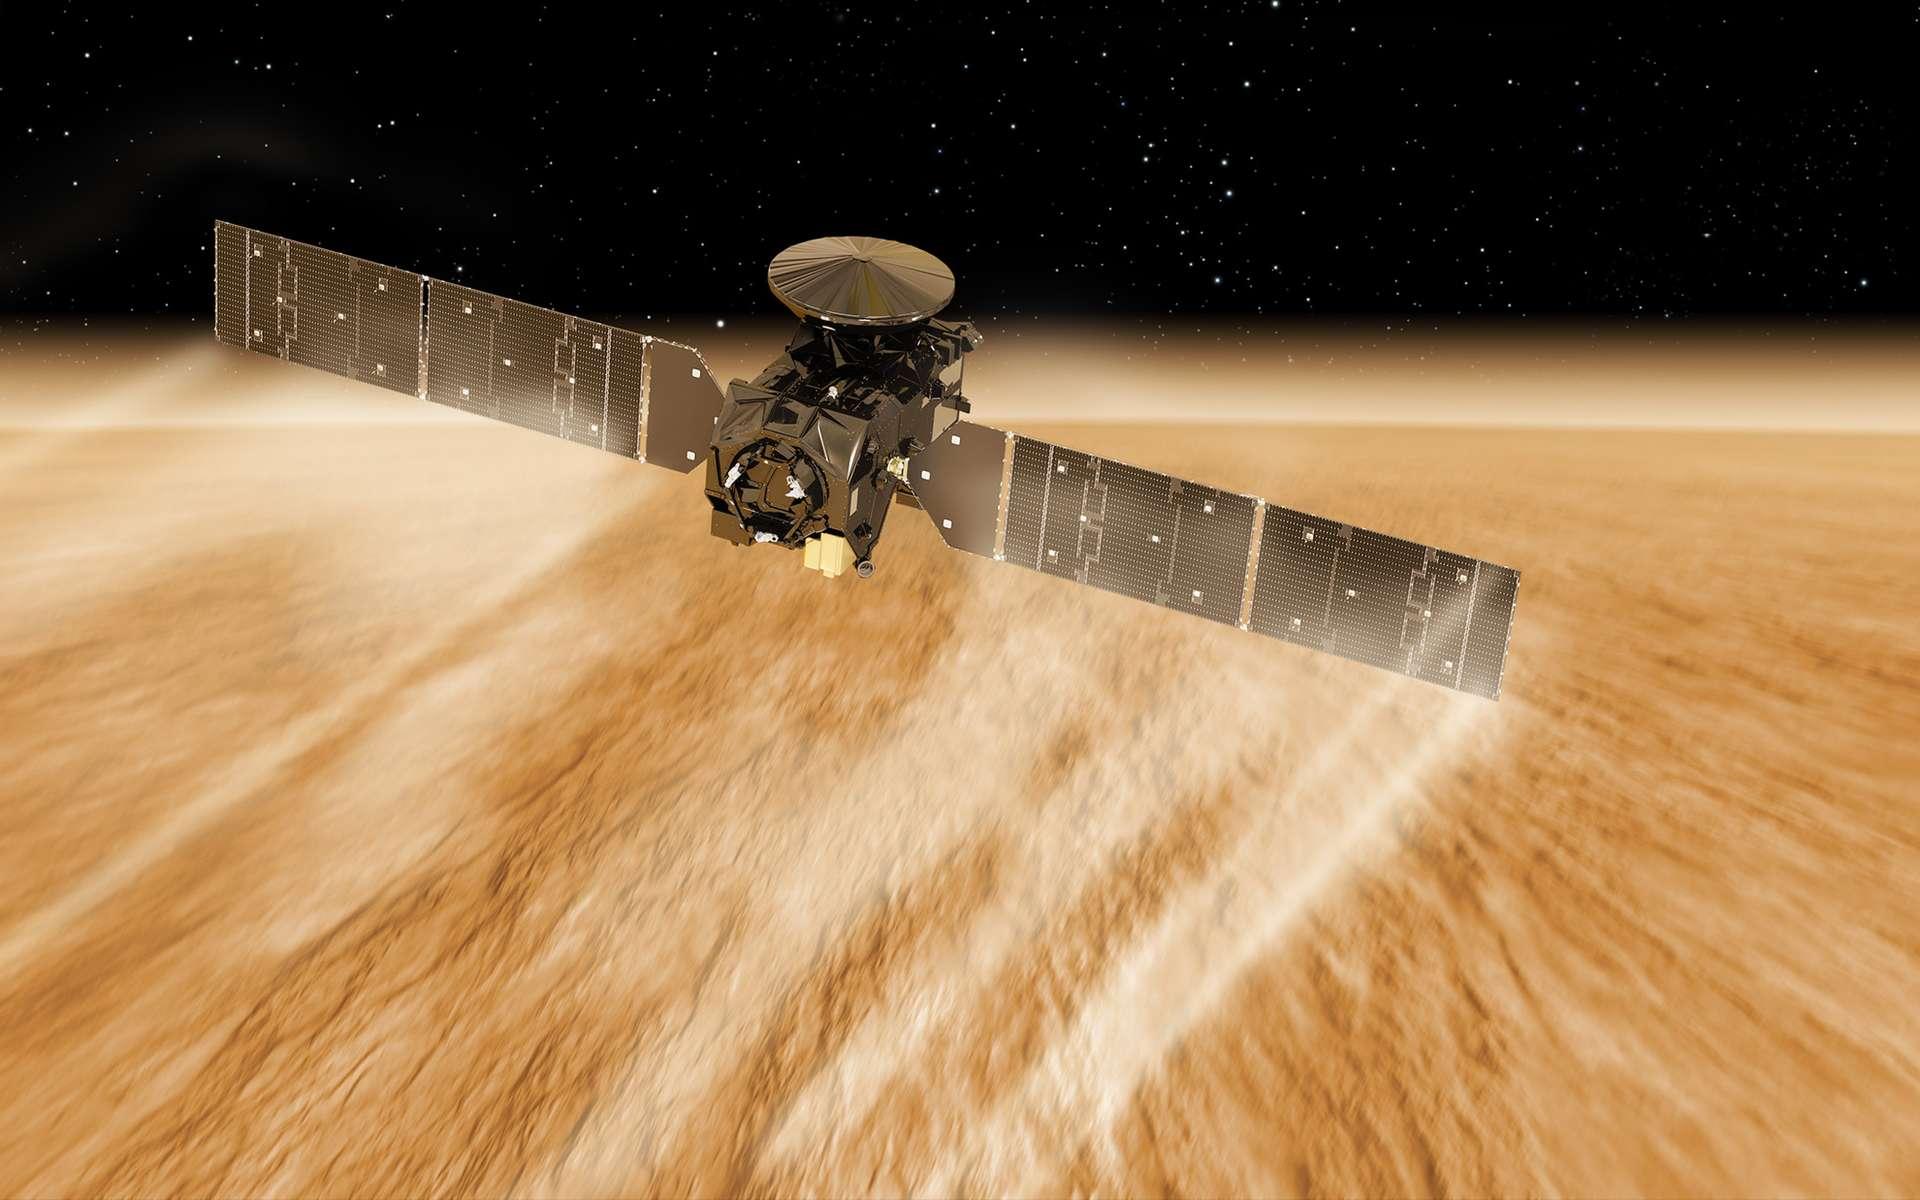 Pour embarquer tous ses systèmes, dont un instrument et le réflecteur, la sonde TGO, qui a réussi son aérofreinage autour de Mars, adopte une forme inhabituelle, très cintrée. © ESA, ATG Medialab